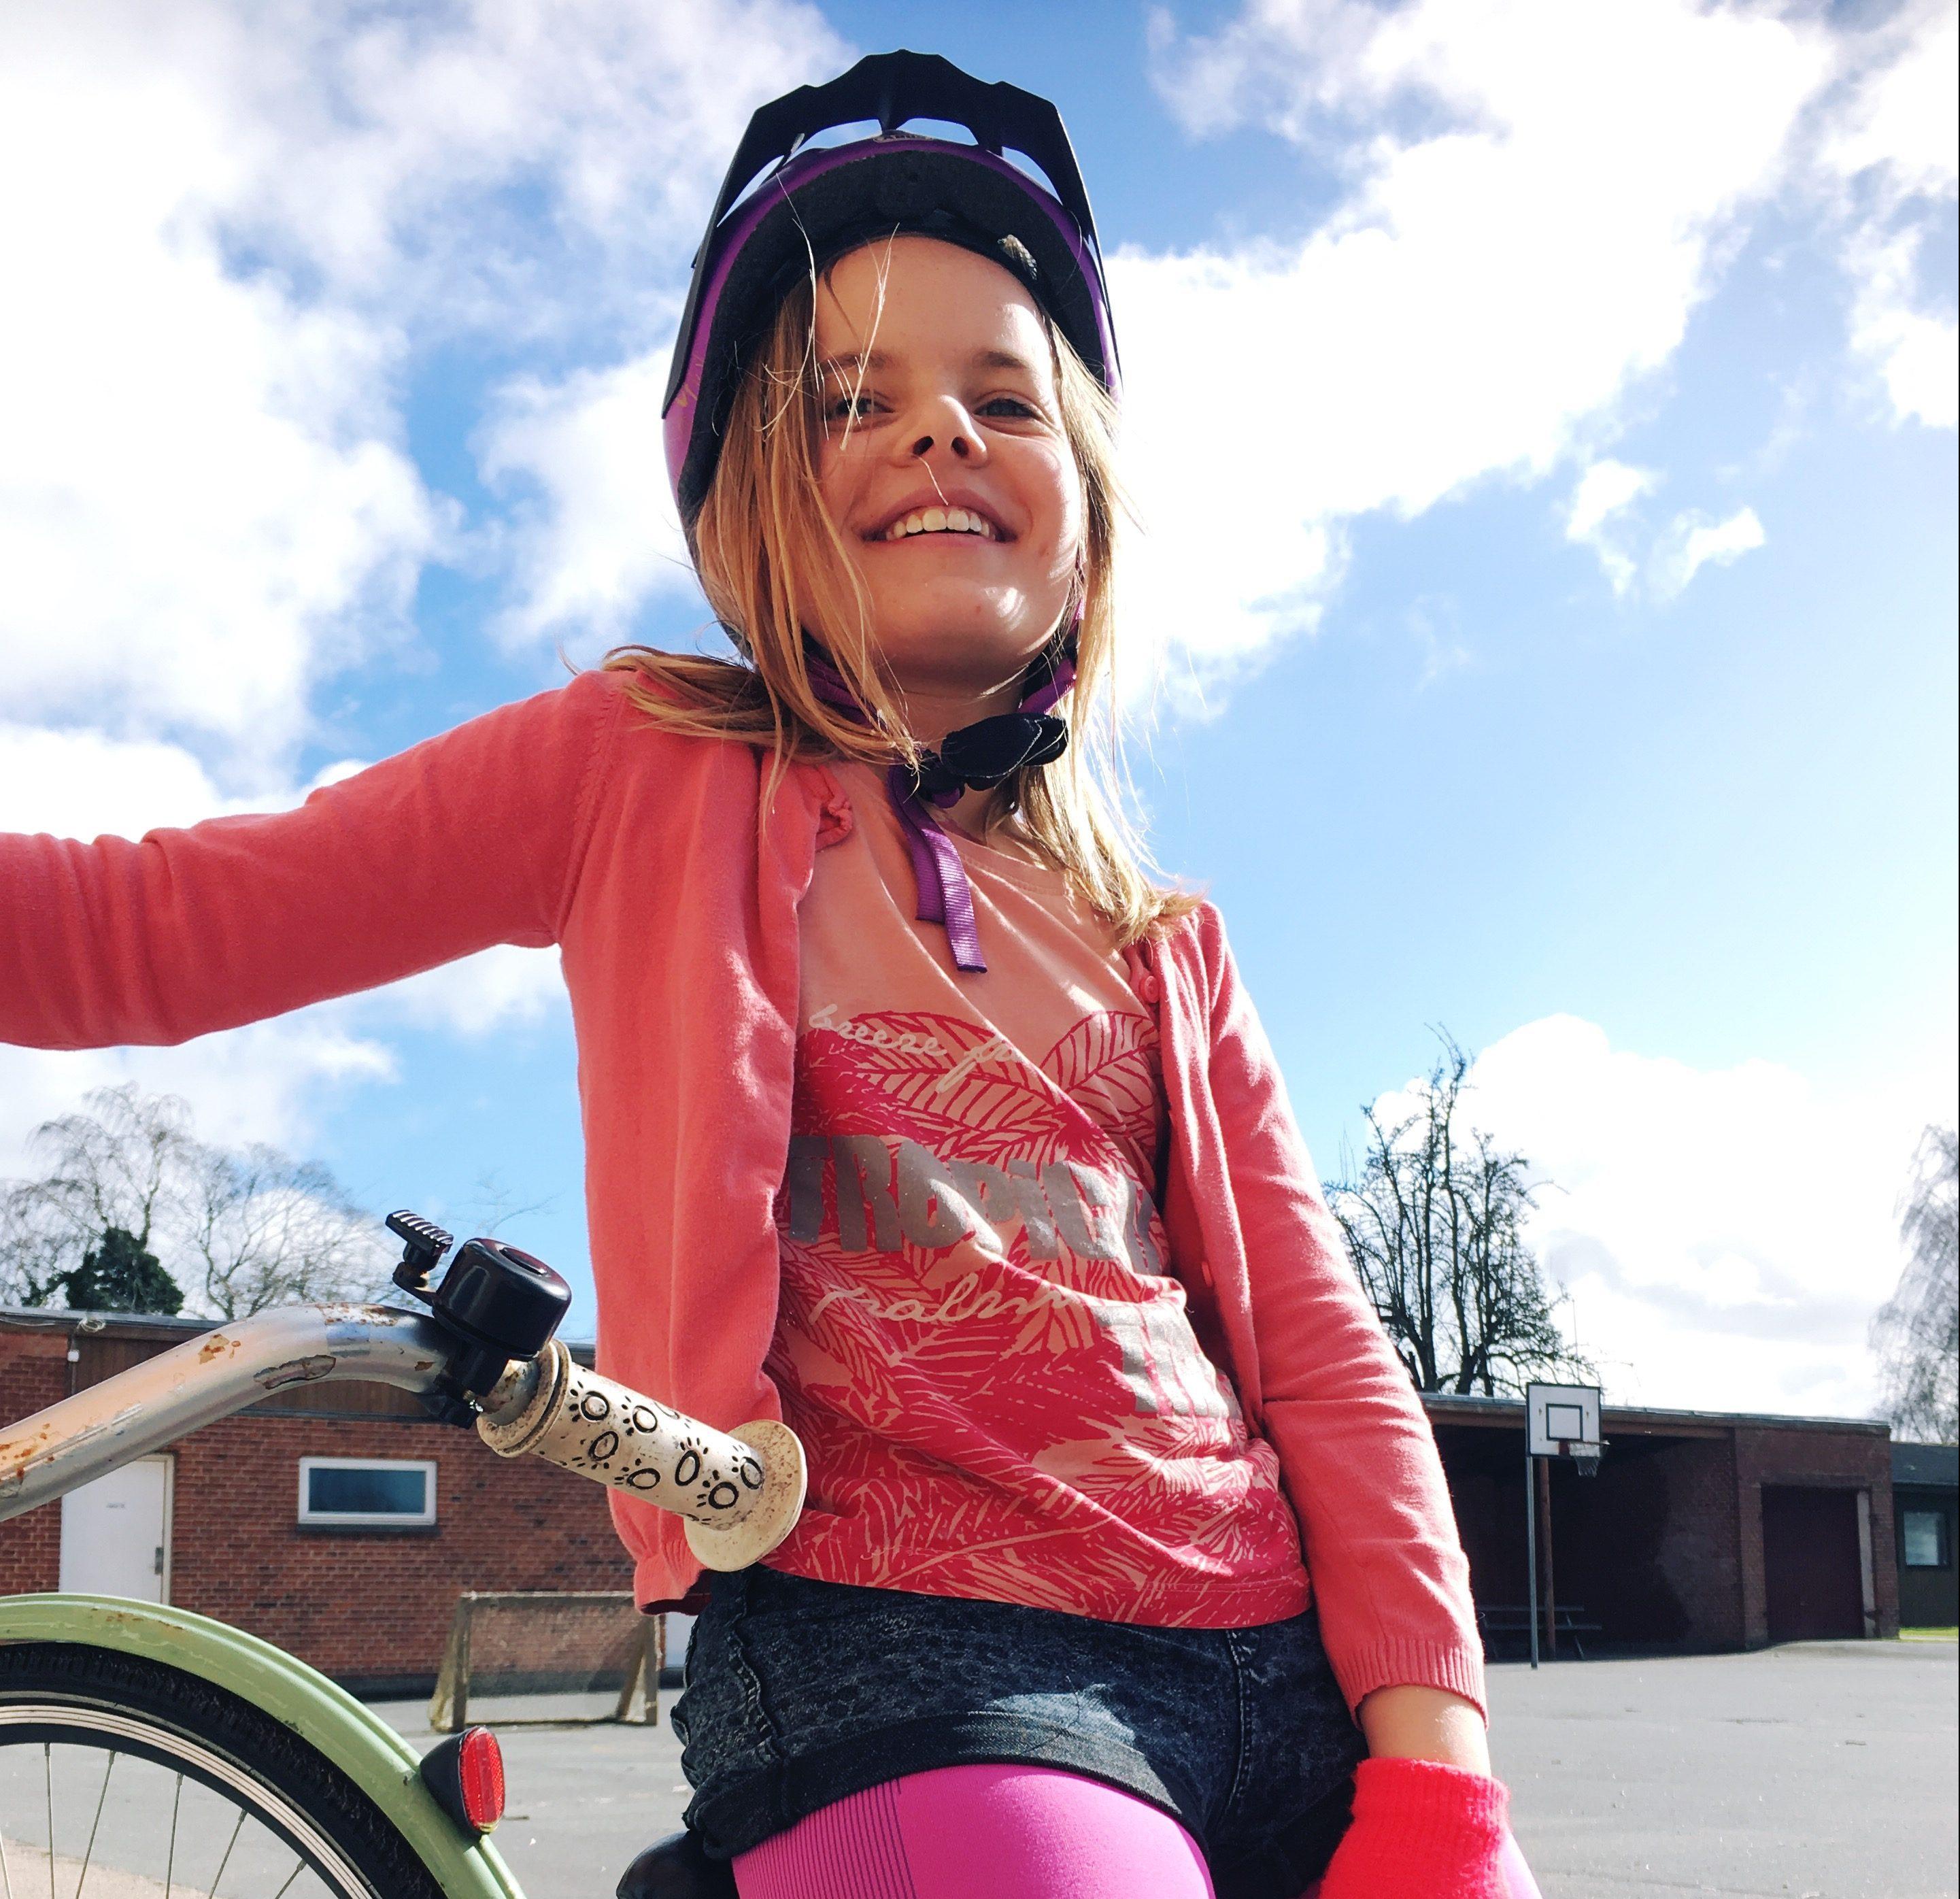 Pige med cykelhjelm og cykel, solskinsdag